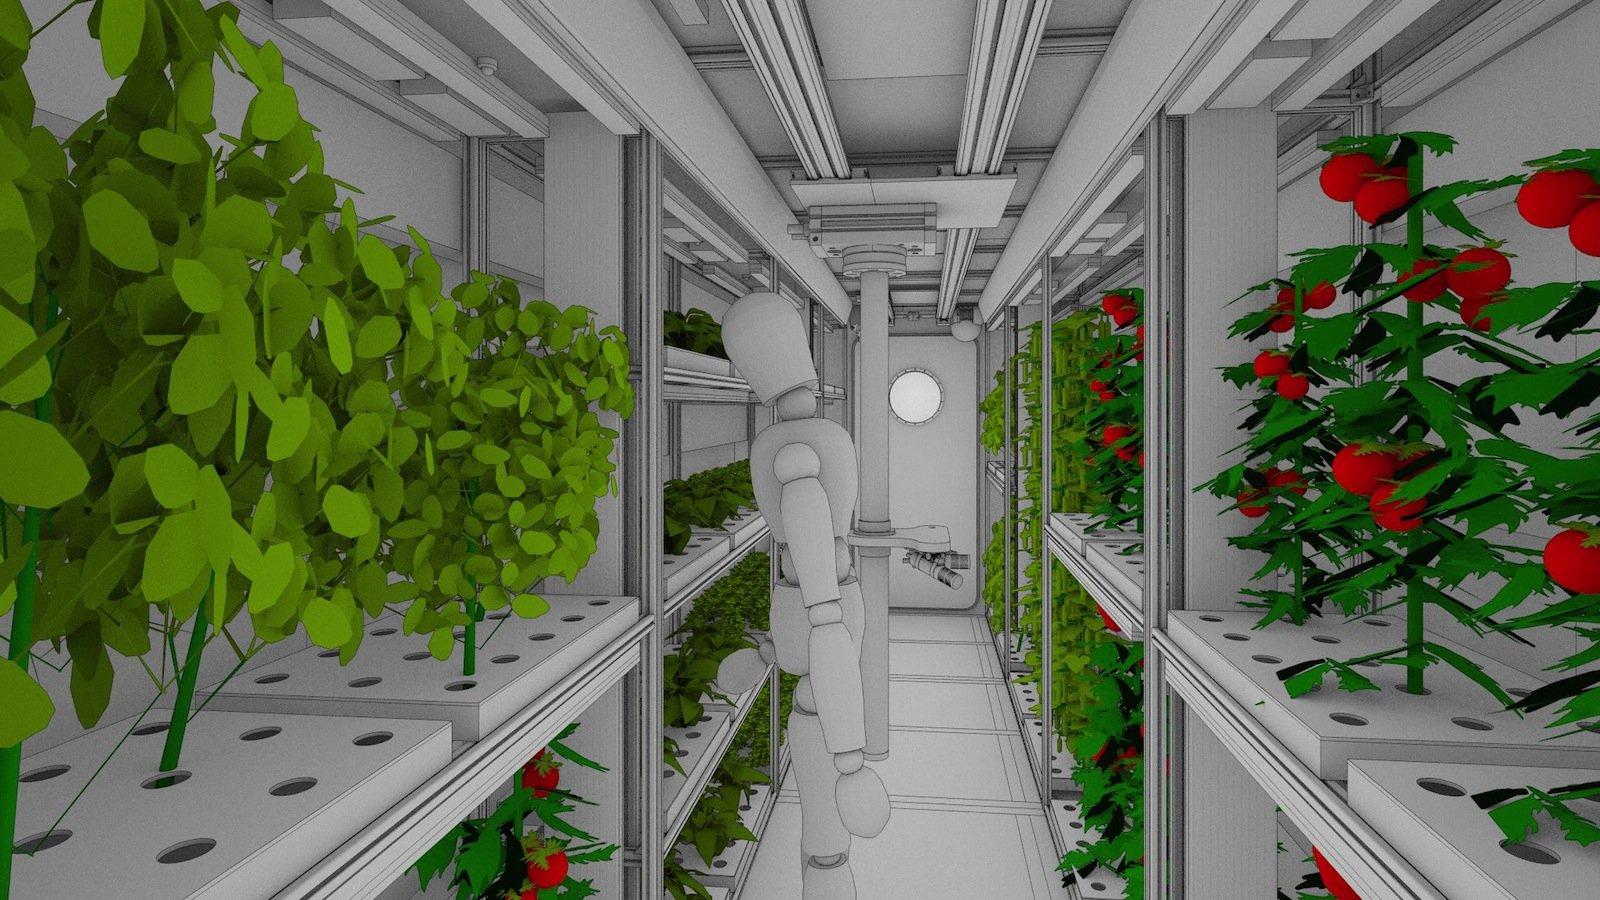 In zwei umgebauten Containern wird Ingenieur Paul Zabel in der Antarktis ein Lebenserhaltungssystem testen, in dem Gemüse für Langzeitmissionen oder Habitate auf anderen Planeten gezogen wird.